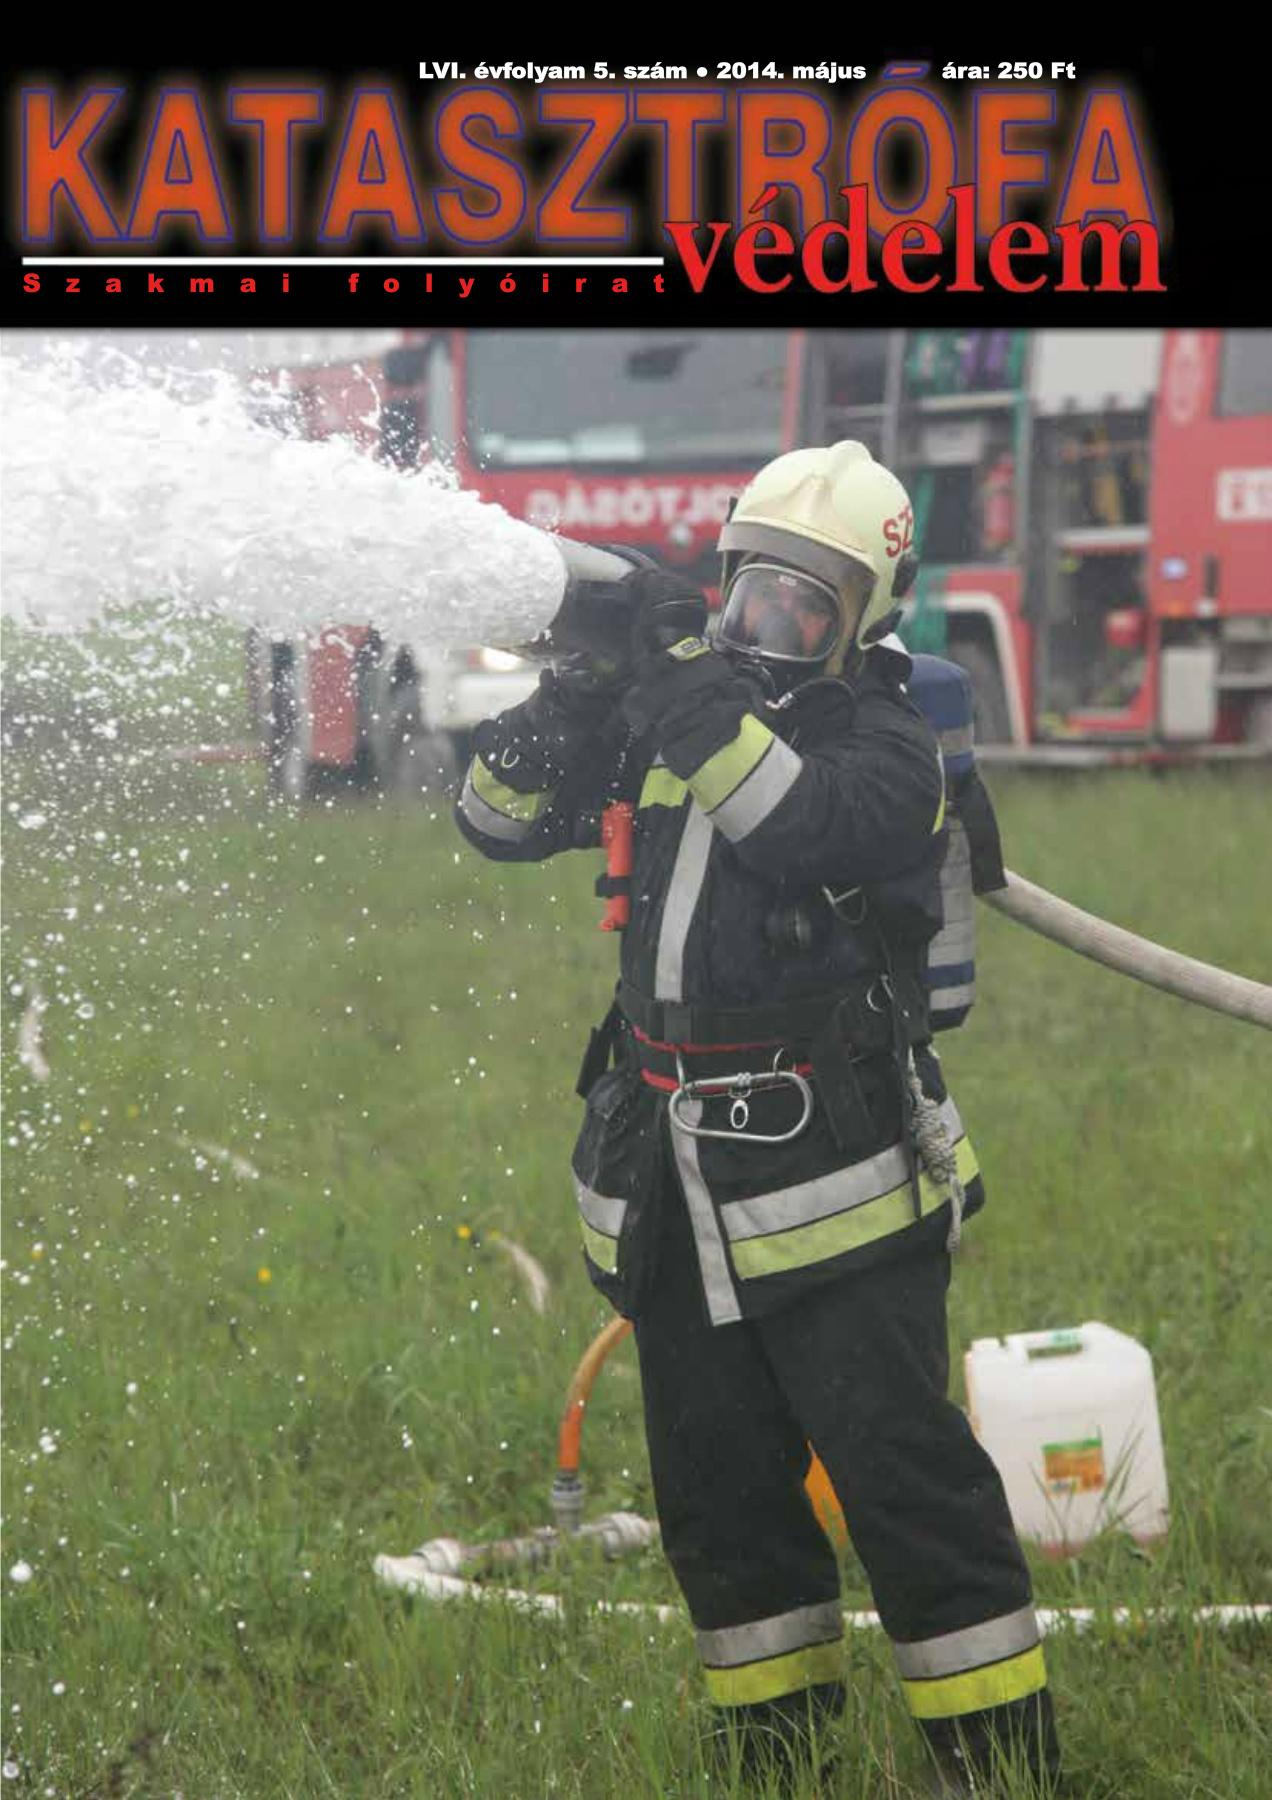 A Katasztrófavédelem magazin LVI. évfolyam 5. szám megtekintése